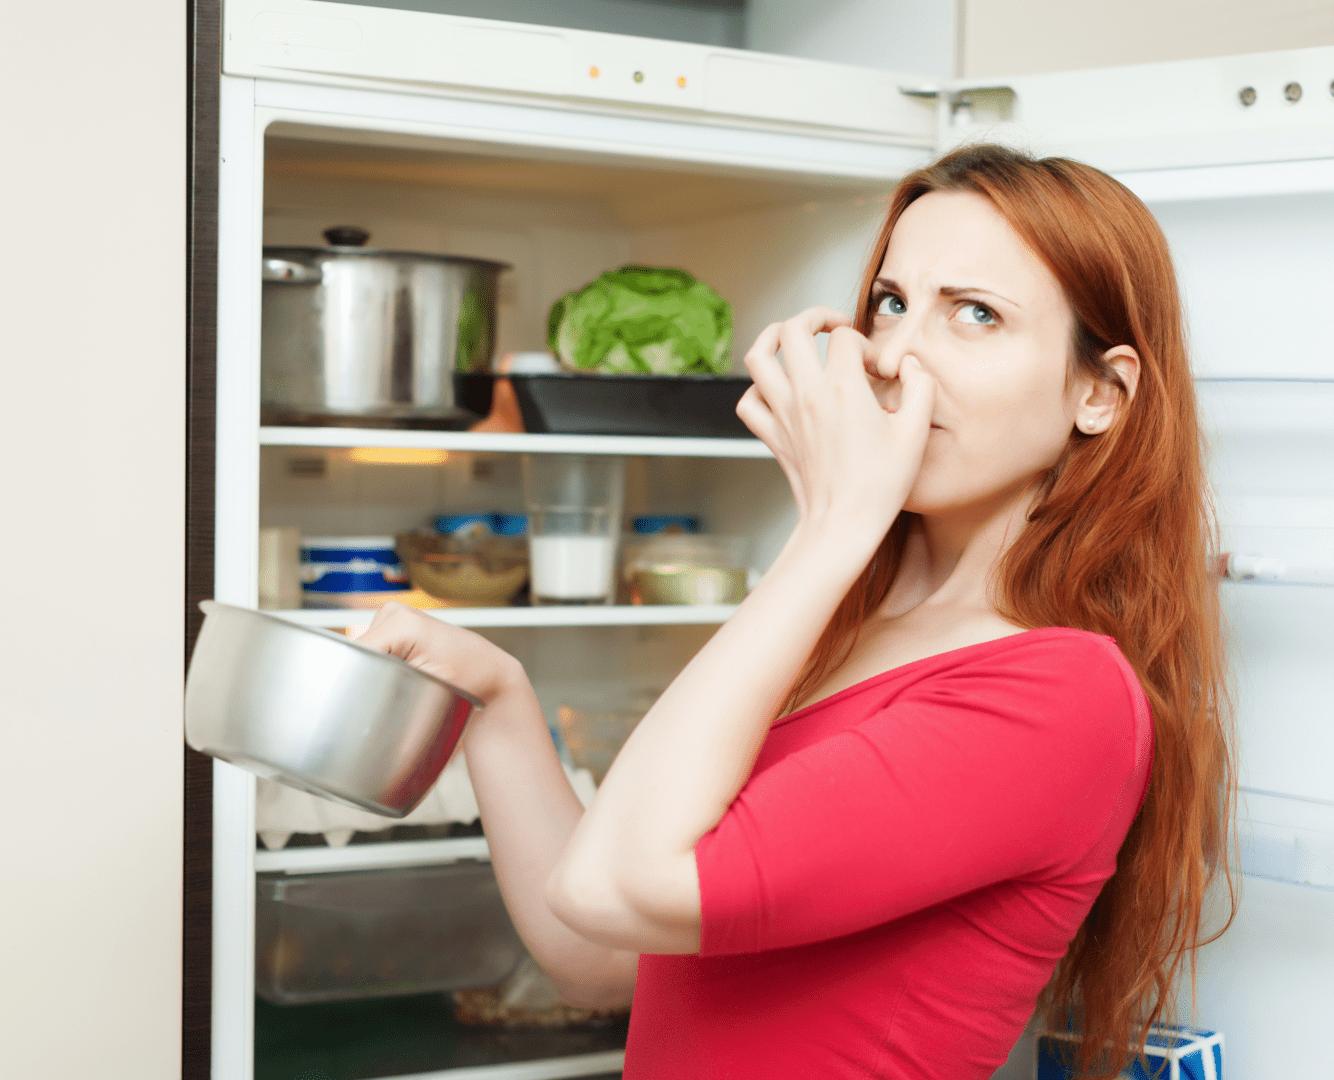 intoxicacao alimentar mulher na frente da geladeira sentindo um cheiro ruim